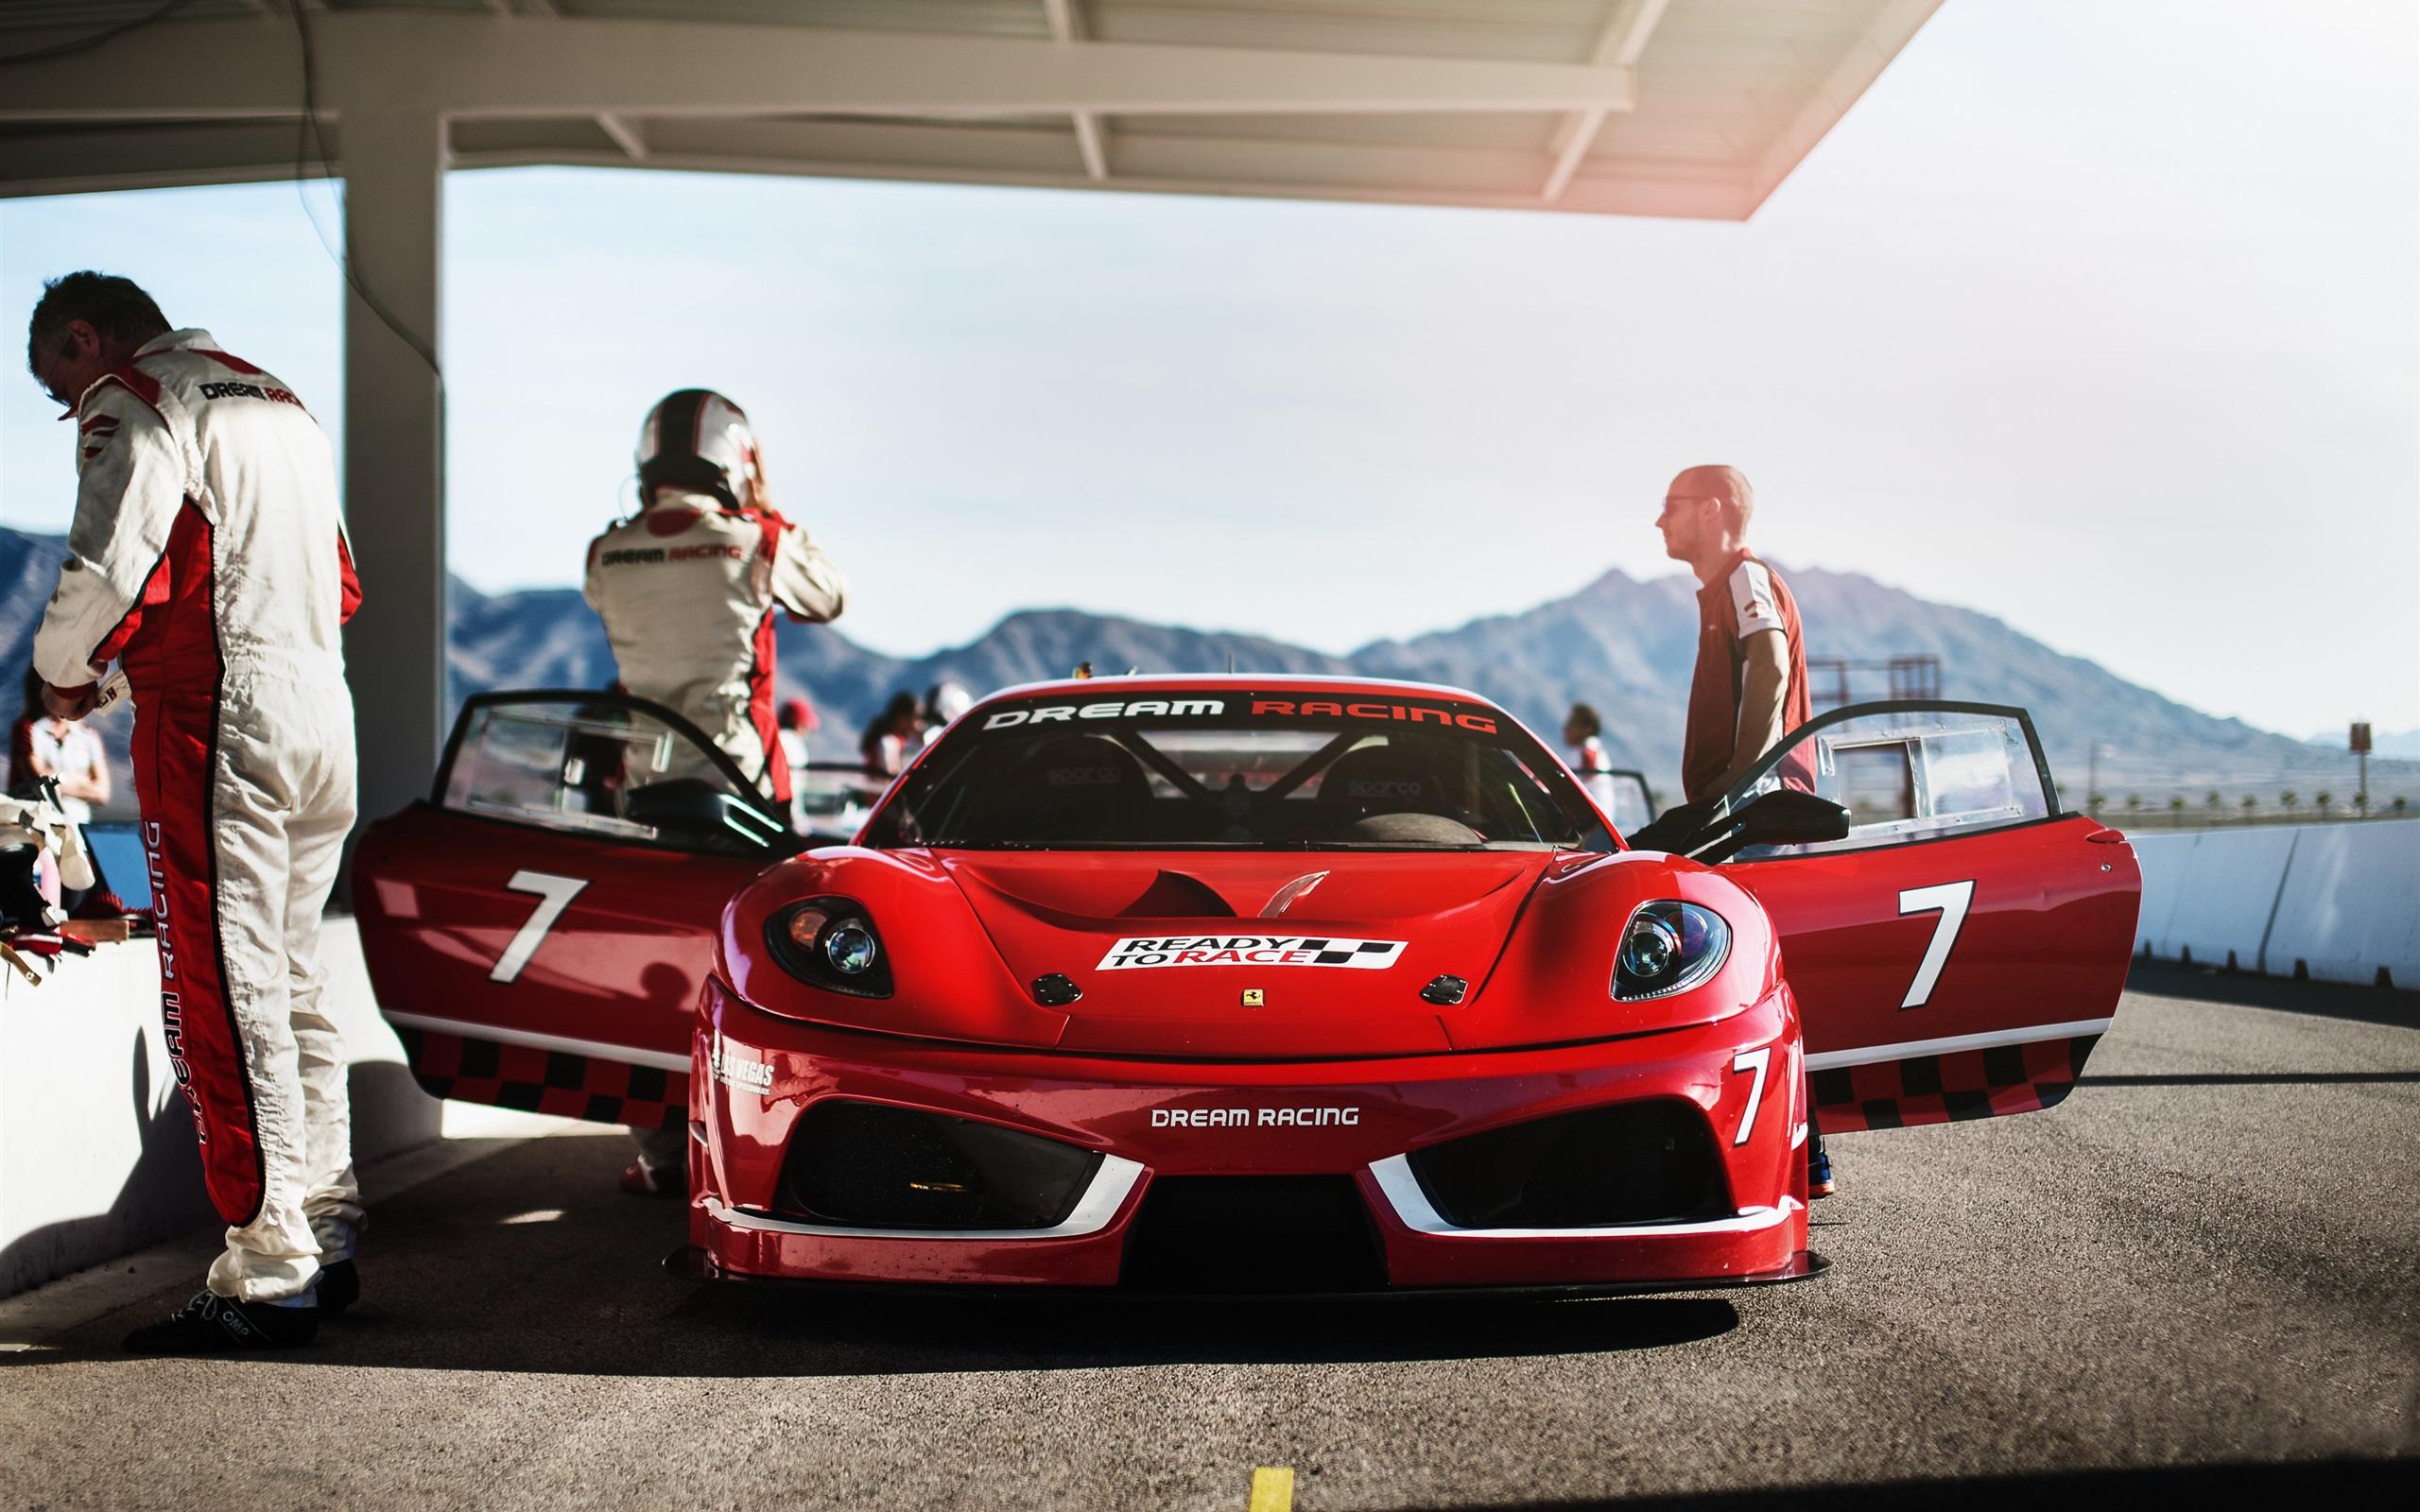 法拉利f430梦幻赛车,红色超级跑车前视图 壁纸 - 2560x1600